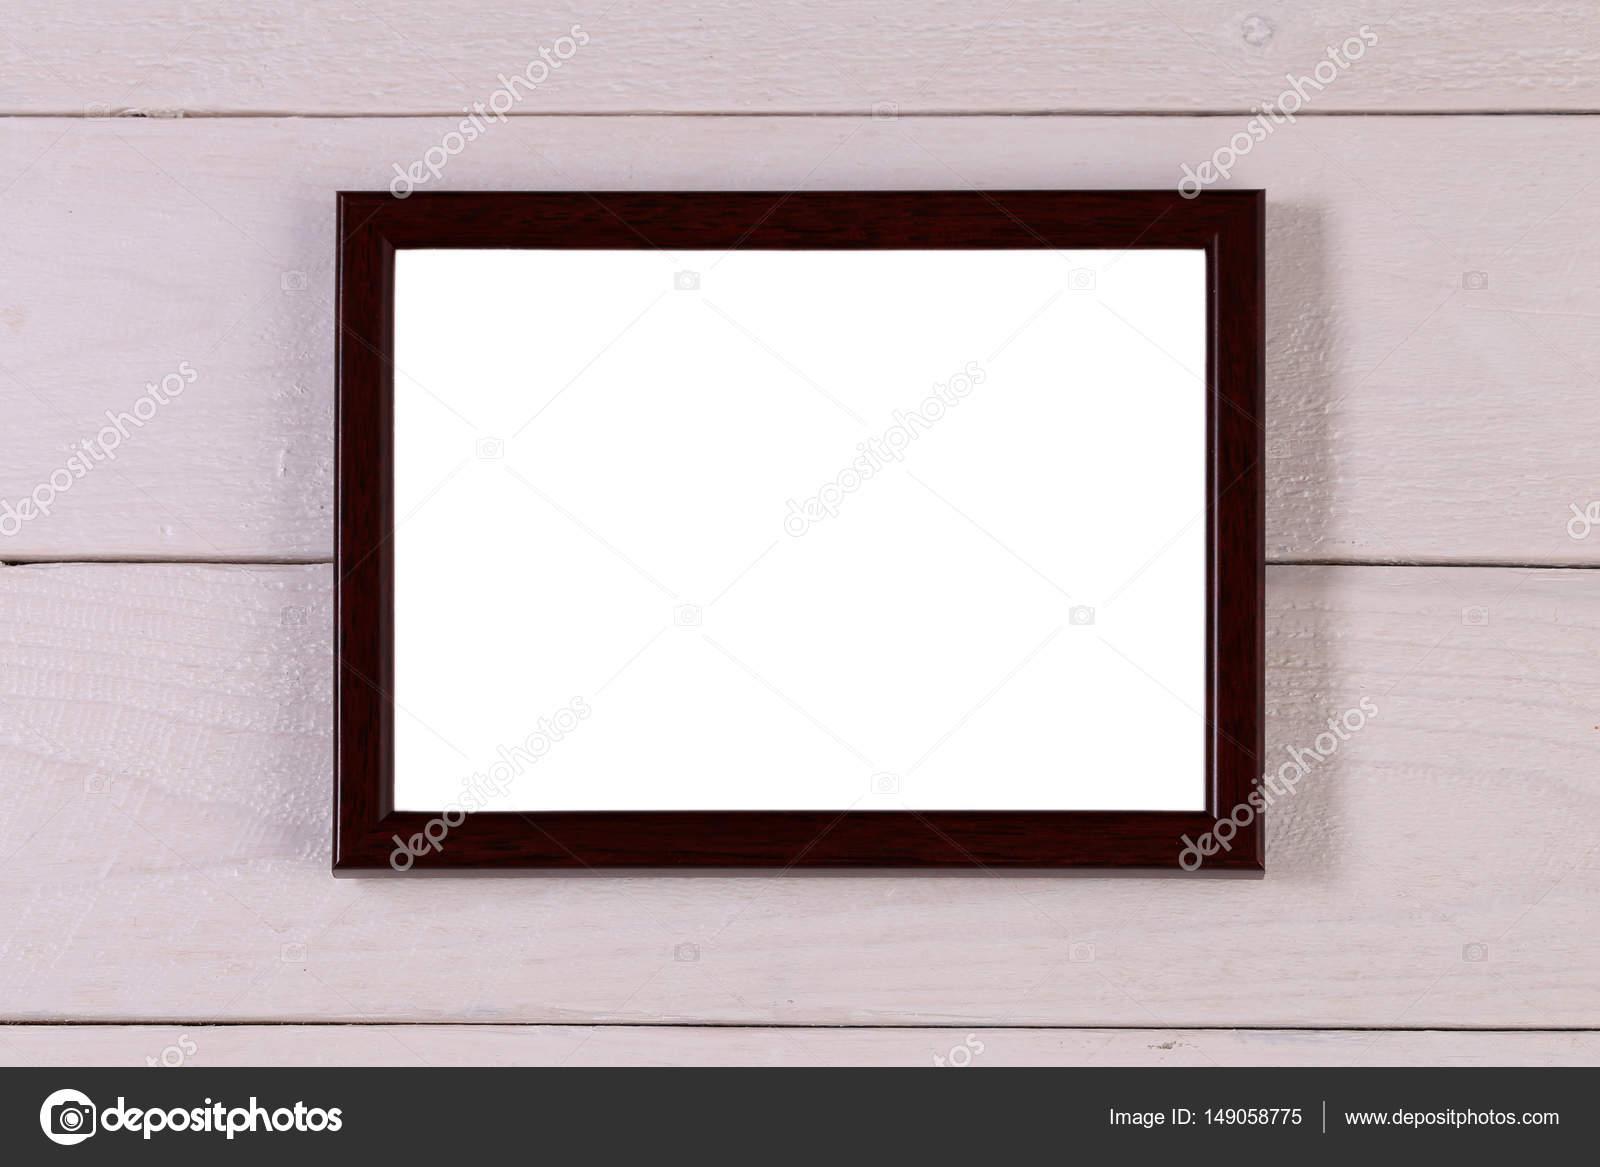 Leere braune hölzerne Fotografie Rahmen an Grunge weißen Hintergrund ...